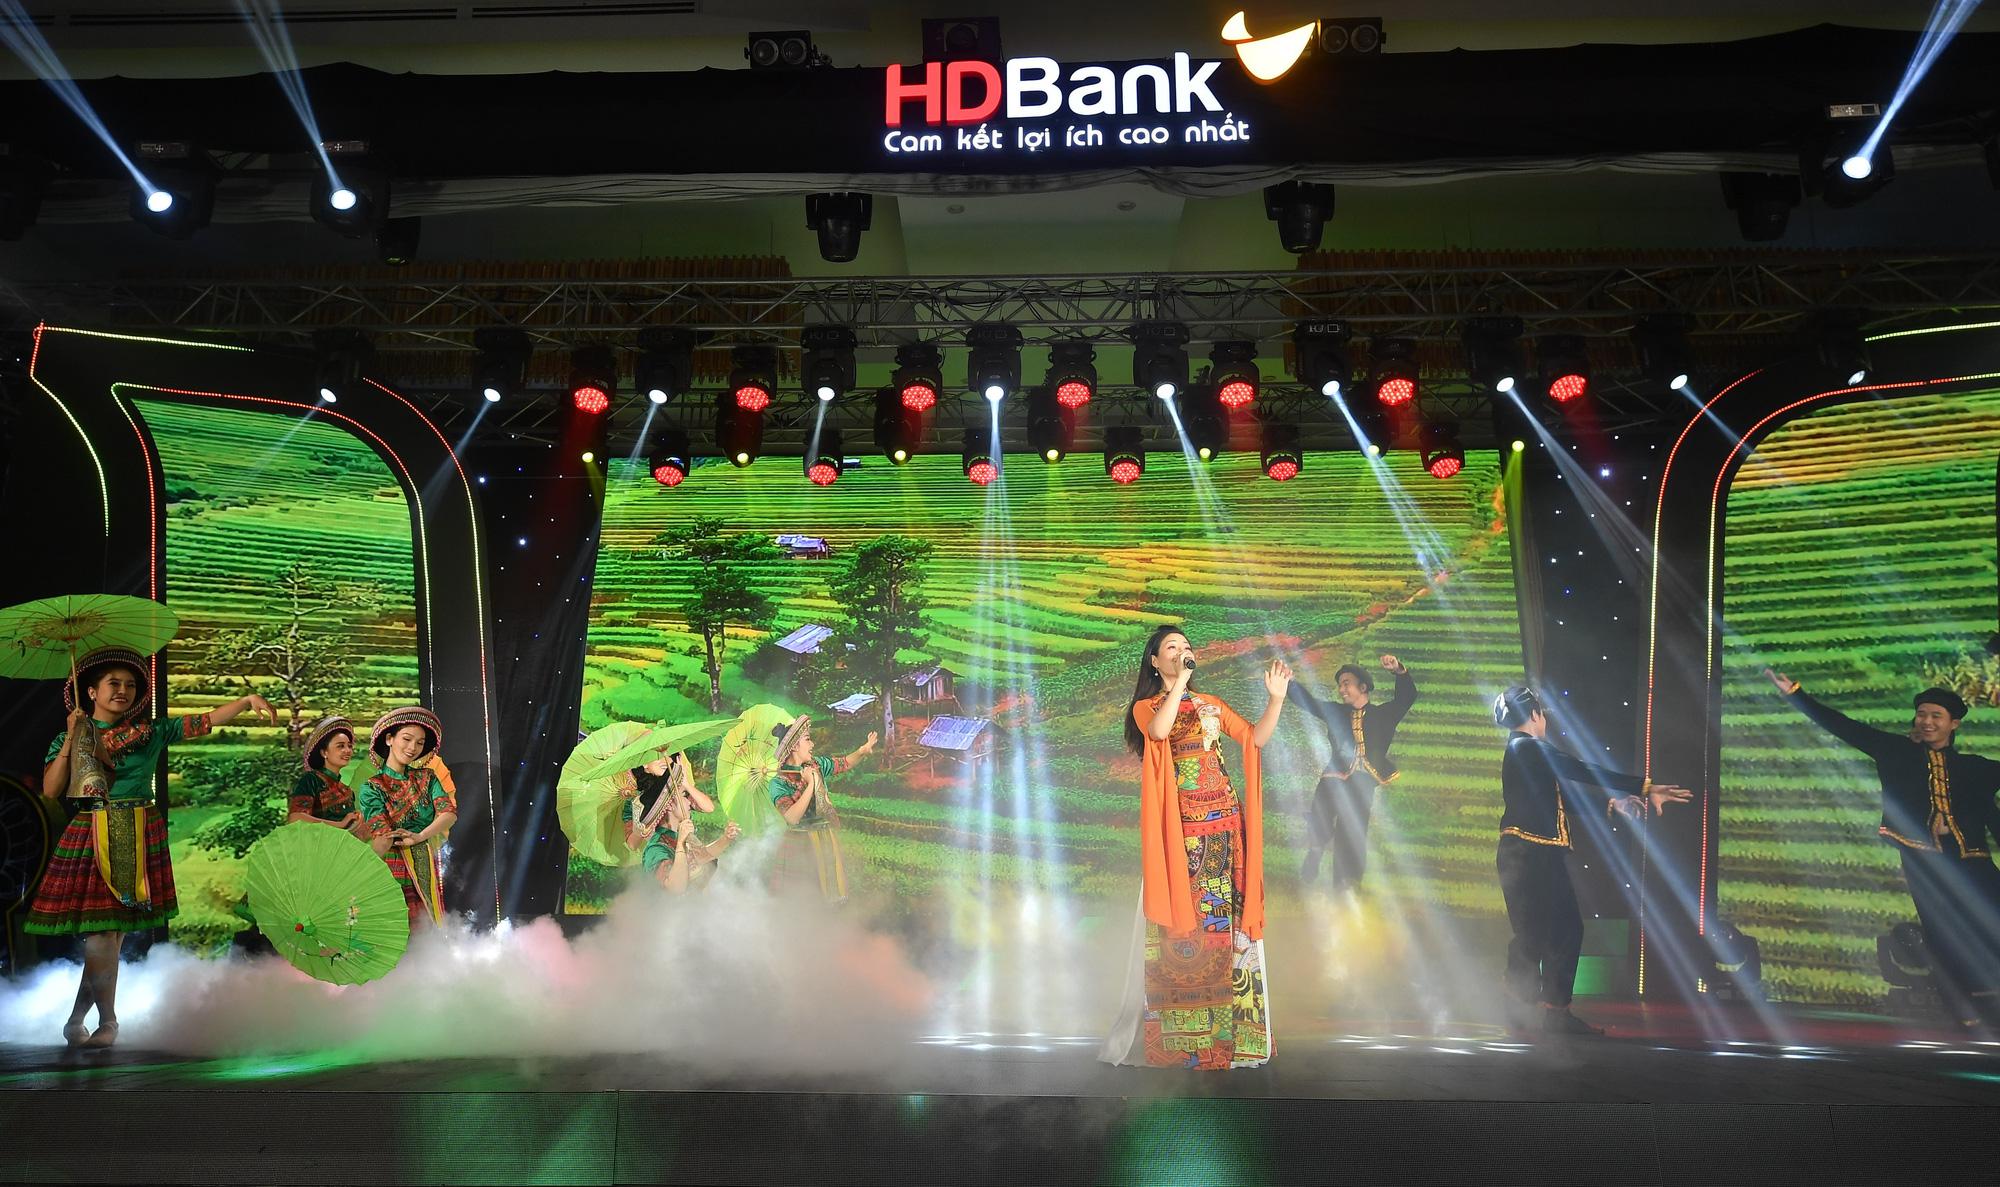 HDBank kỉ niệm 30 năm hoạt động: Ngày hội lớn hơn của 16.000 CBNV - Ảnh 9.